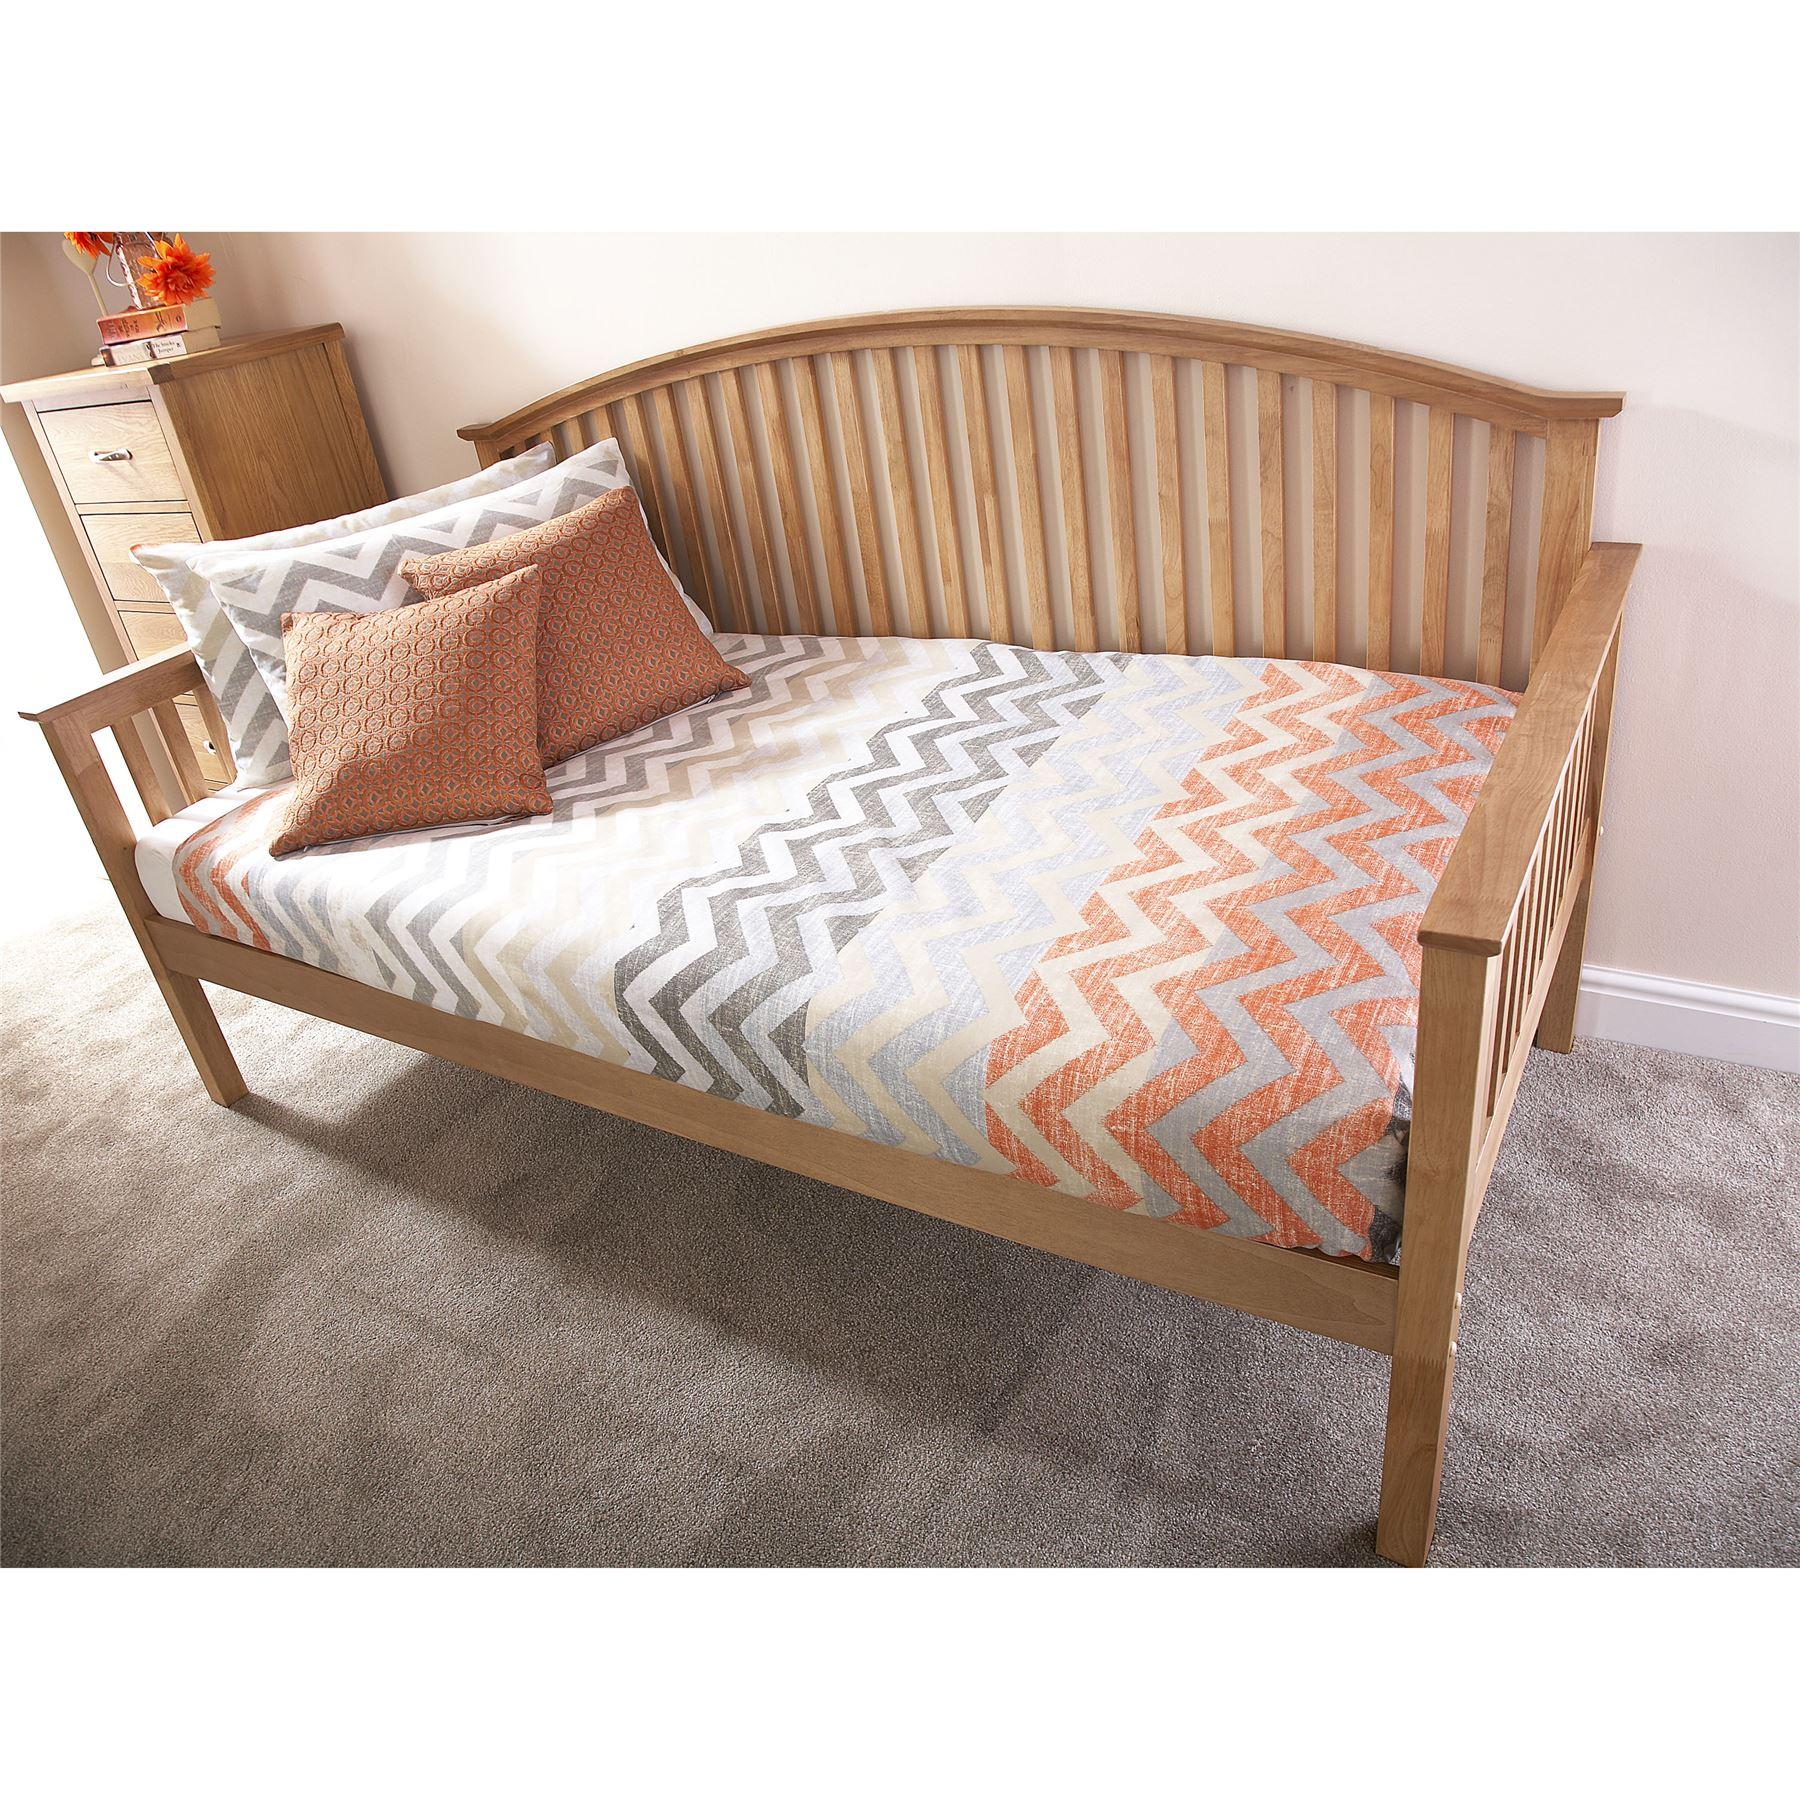 madrid wooden 3ft single day traditional bed frame trundle guest bedstead oak. Black Bedroom Furniture Sets. Home Design Ideas